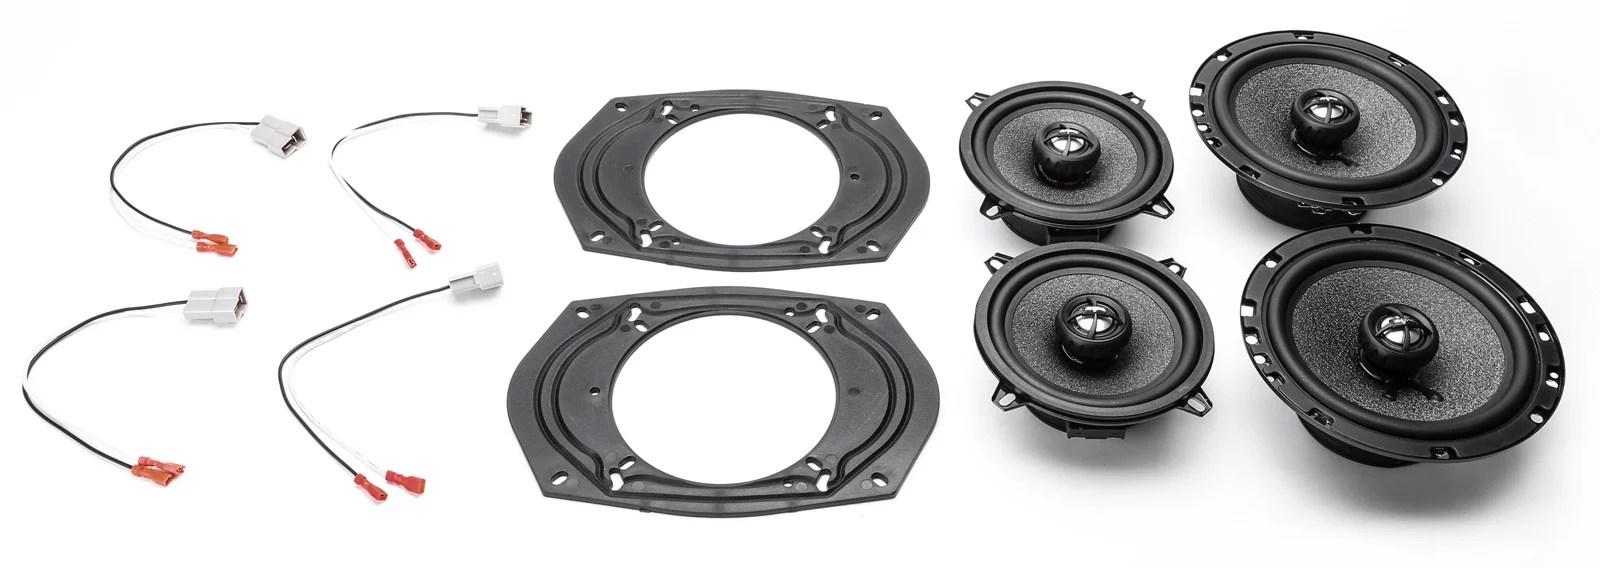 hight resolution of 1991 1995 chevrolet astro van complete front dash rear door factory speaker upgrade package by skar audio walmart com